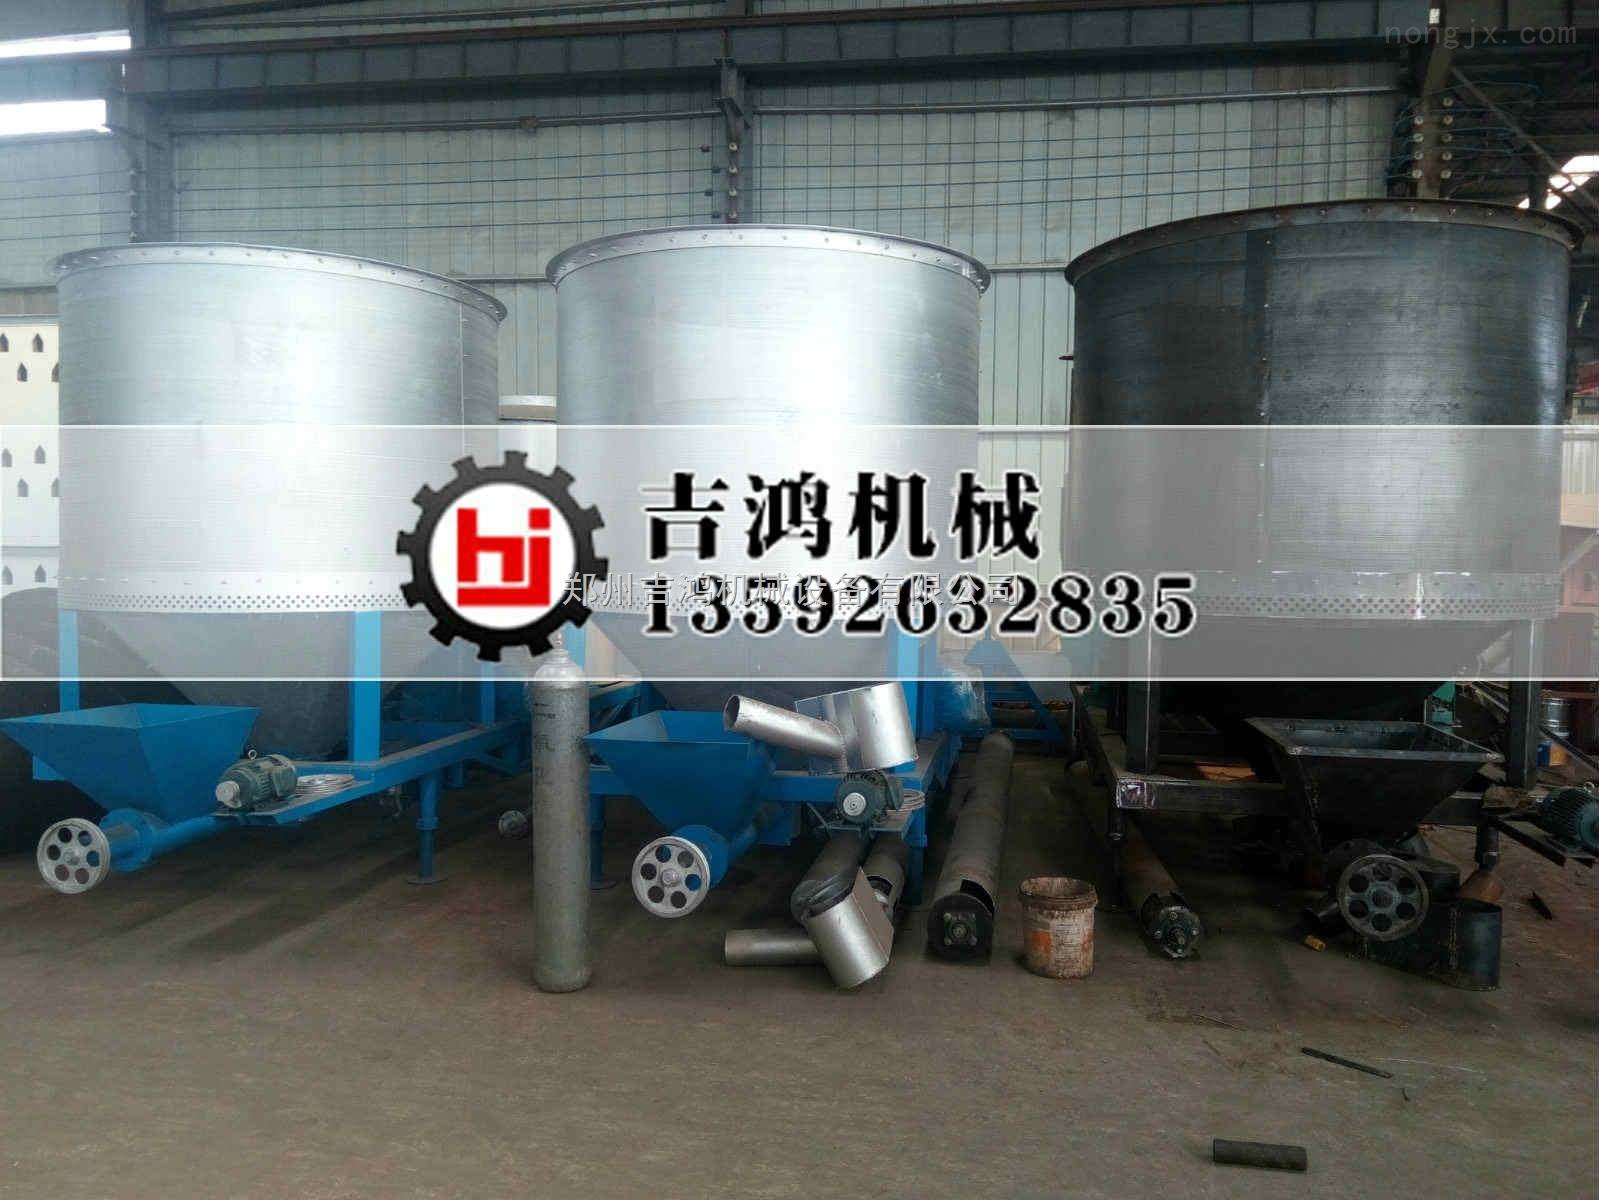 小型环保立式玉米烘干机厂家-吉鸿粮食烘干机